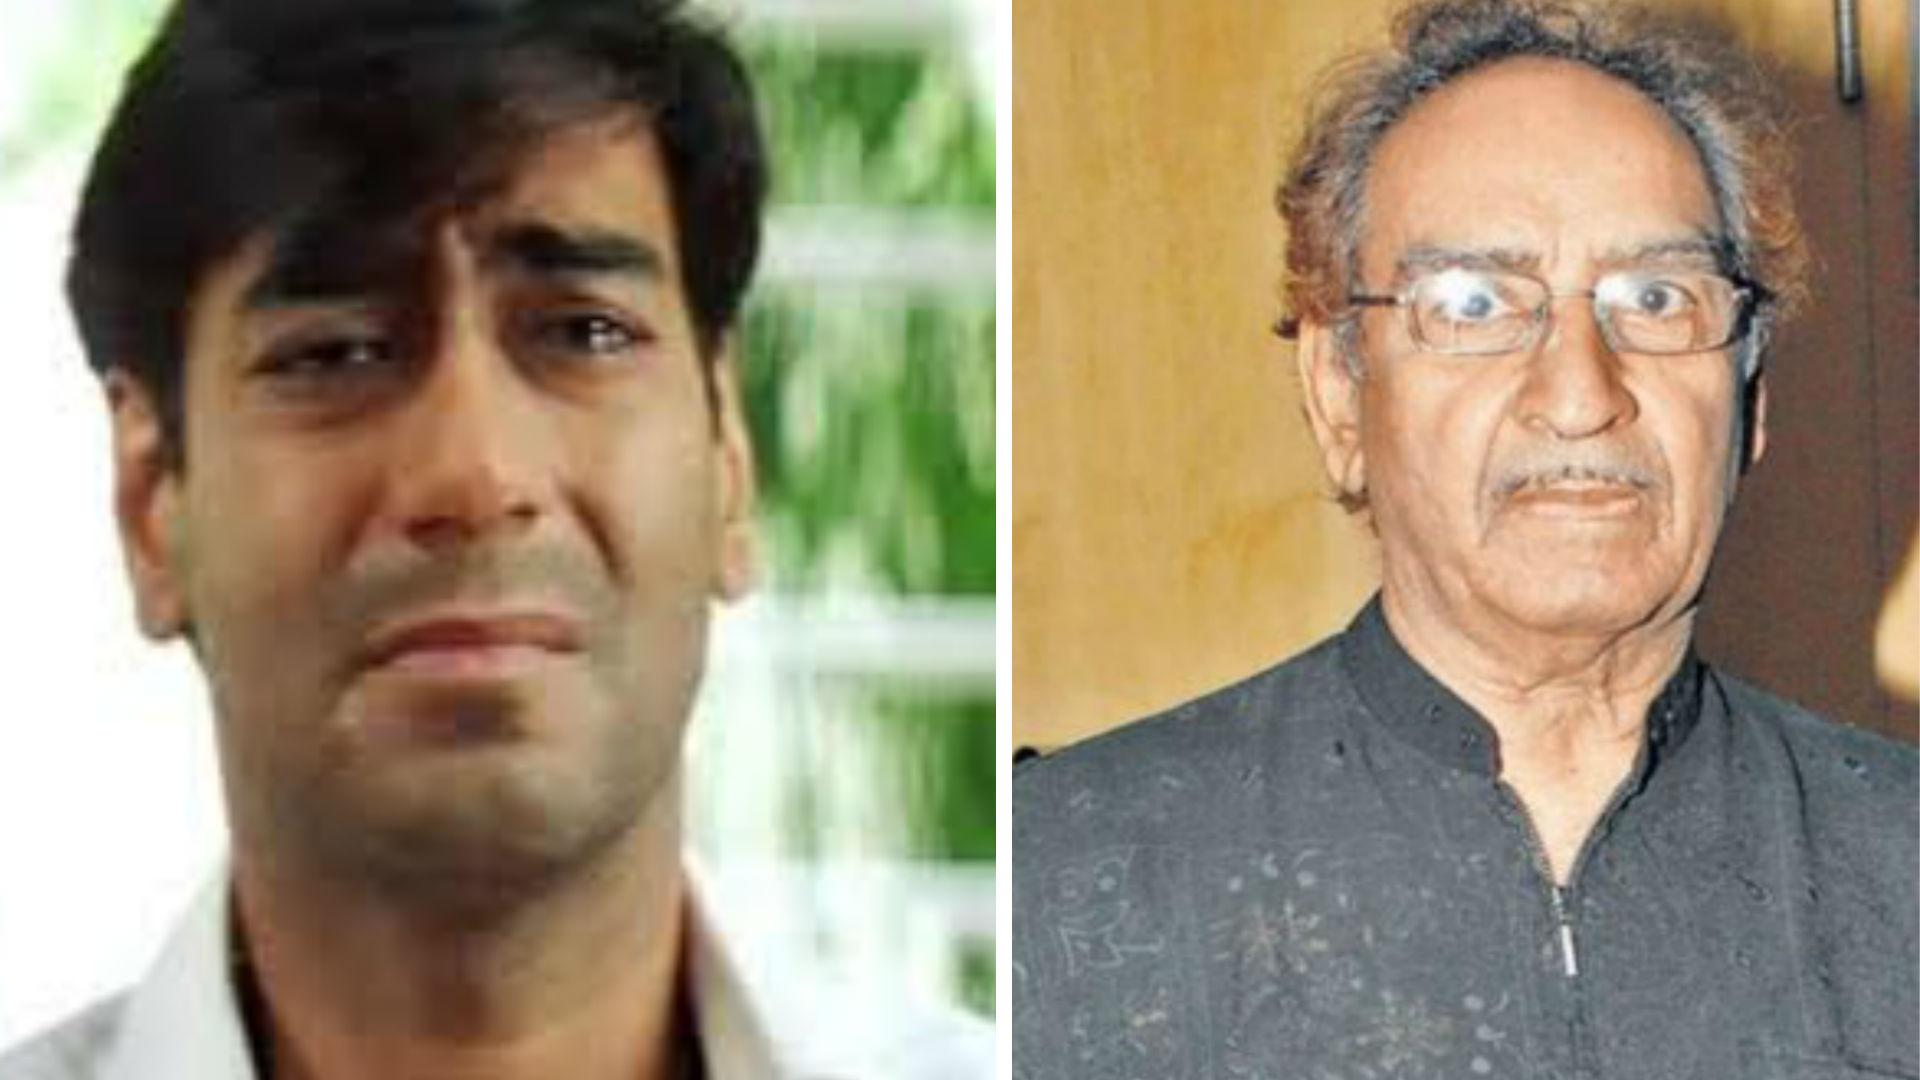 नहीं रहे अजय देवगन के पिता वीरू देवगन, एक्शन डायरेक्टर के निधन से बॉलीवुड में शोक की लहर